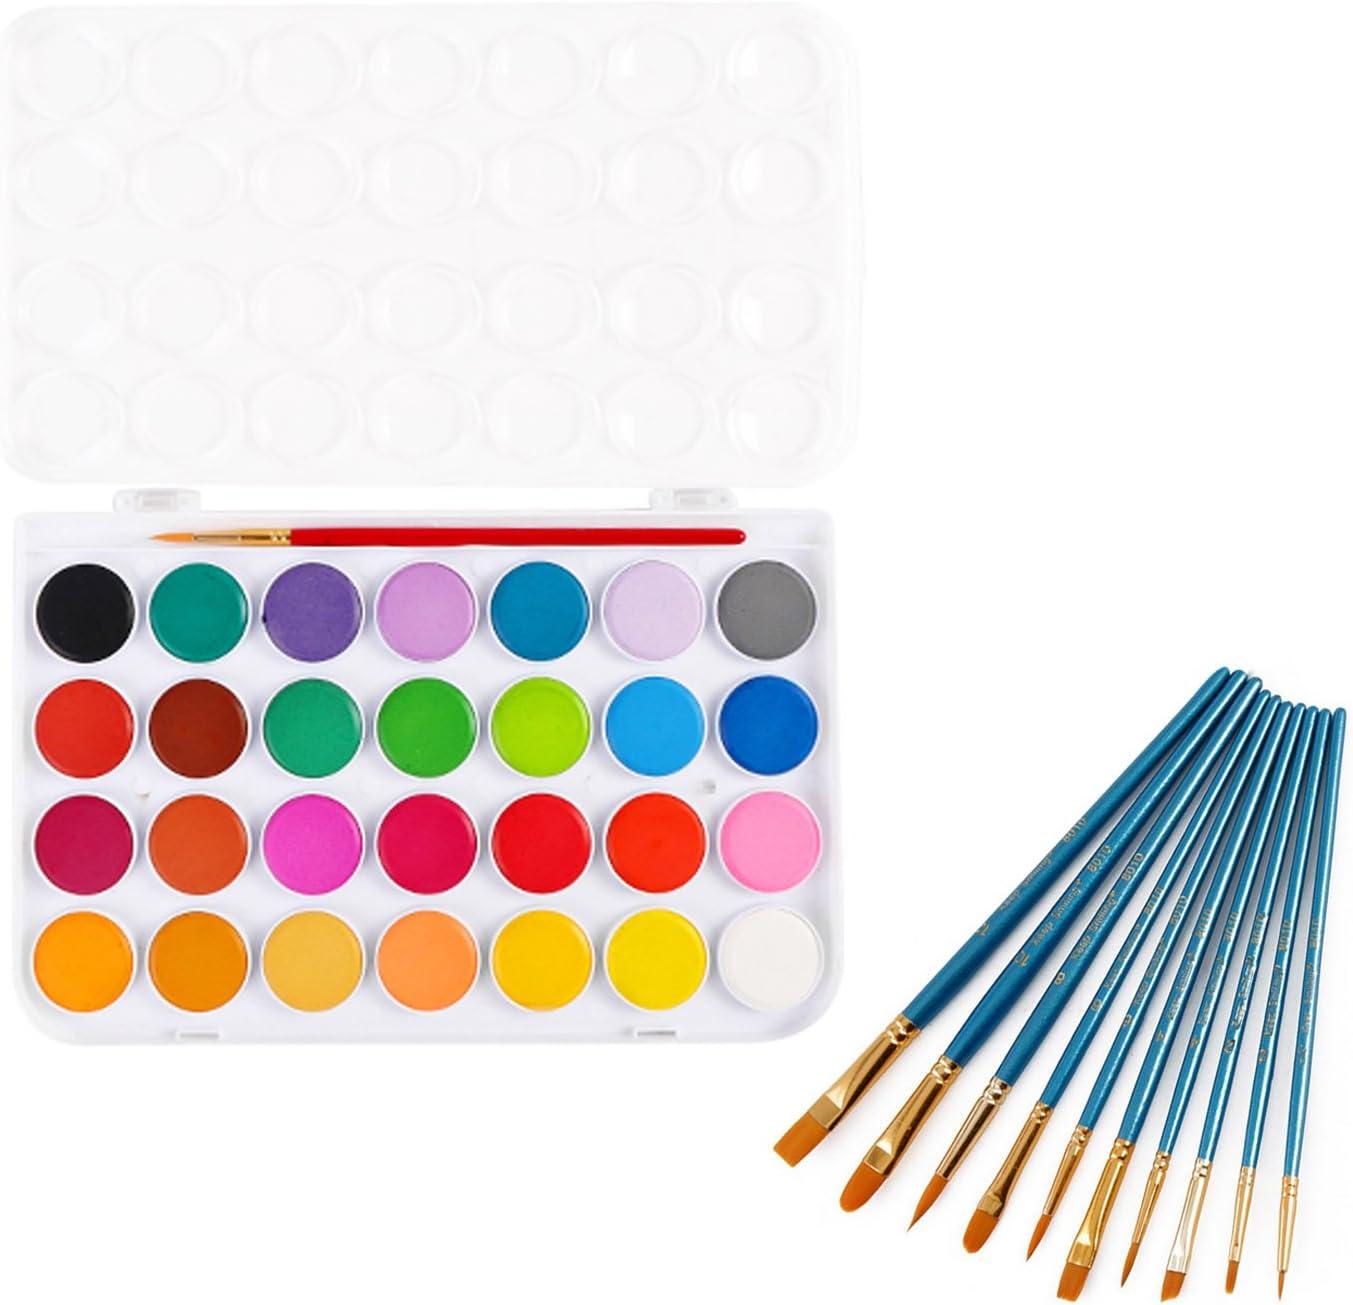 Acuarelas niños,Acuarelas Van gogh,28 Colores Profesionales de la Pintura del Arte de la Acuarela Set + 10 Pinceles para Acrílico Acuarela Pintura Estudiantes Maestros Artistas: Amazon.es: Oficina y papelería